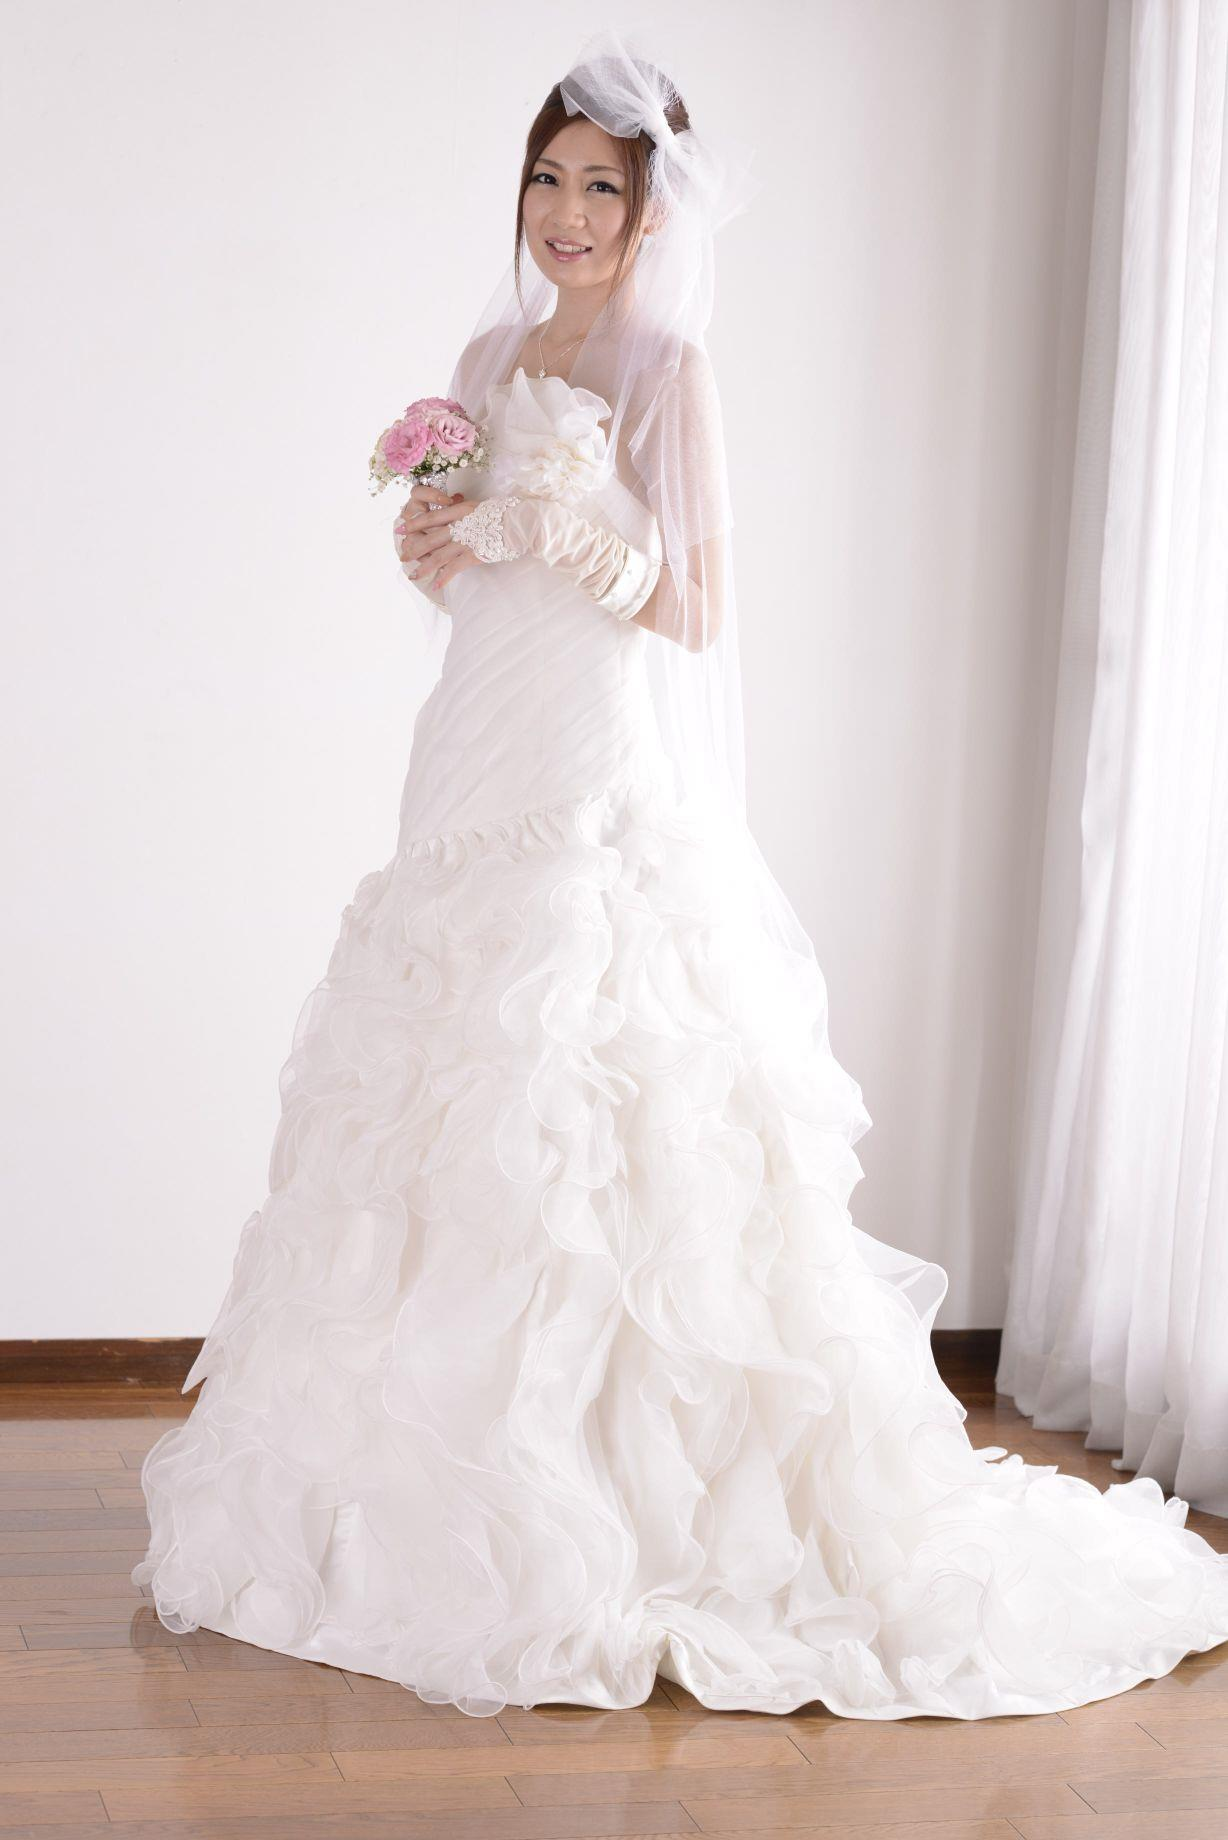 前田かおり ウェディングドレス画像 16